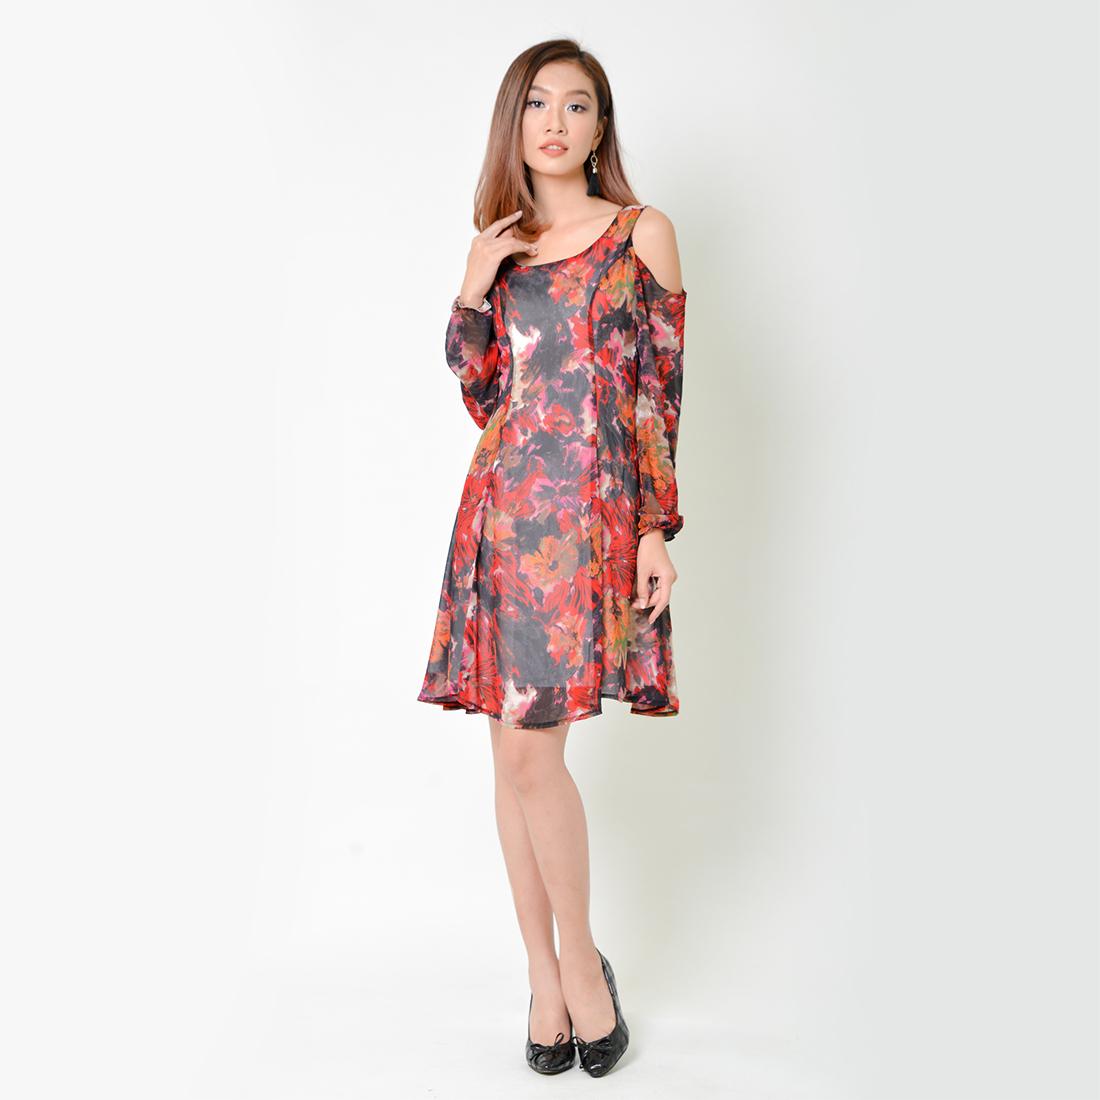 Đầm Xòe Thời Trang Eden Dài Tay In Hoa - D335 - Màu Đỏ